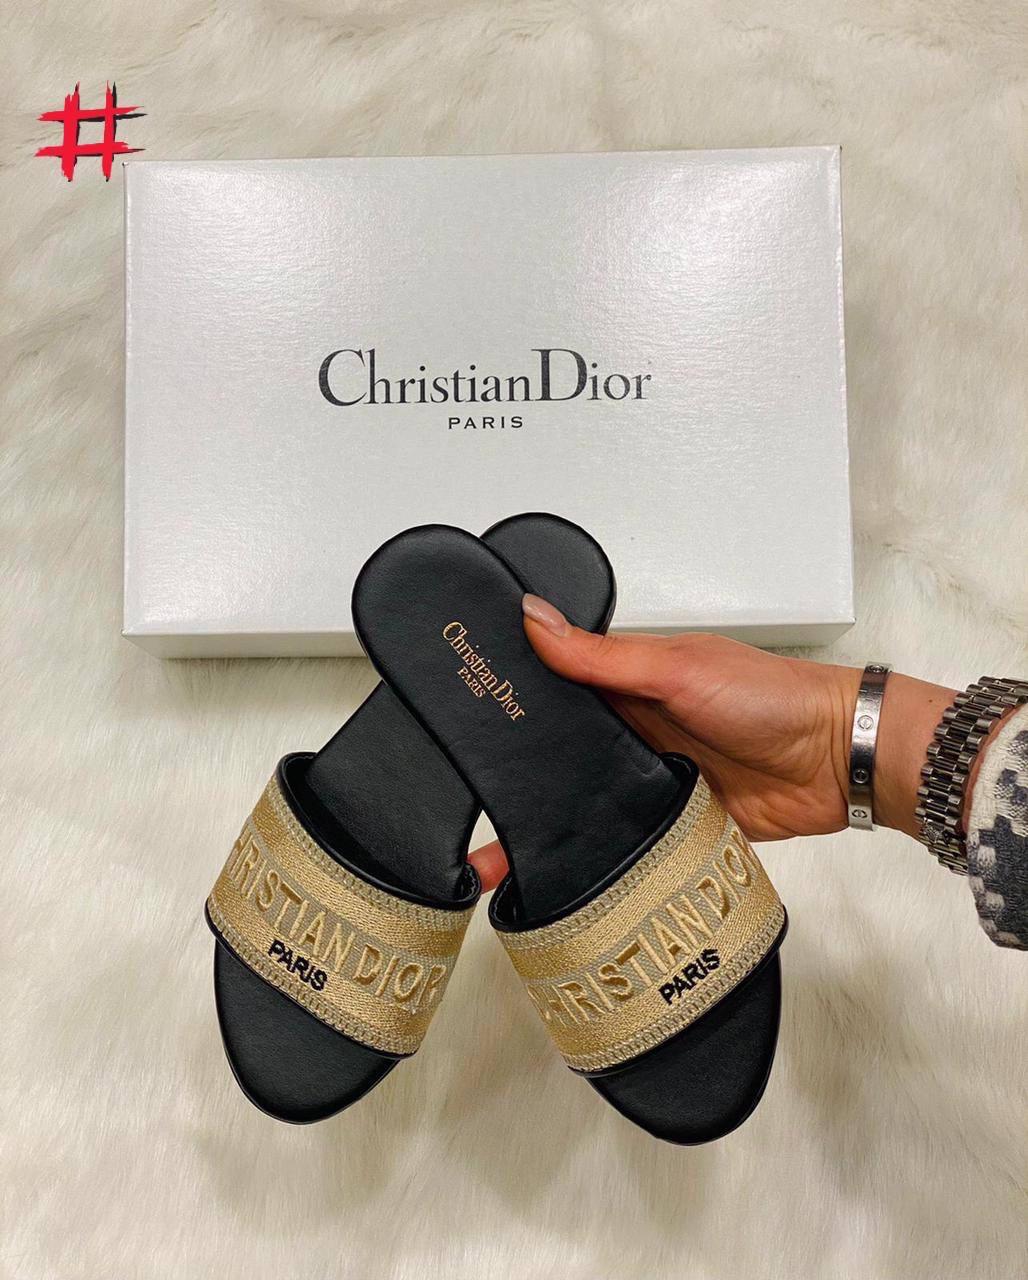 Круті жіночі сланці Christian Dior cruis чорно золоті (люкс копія)